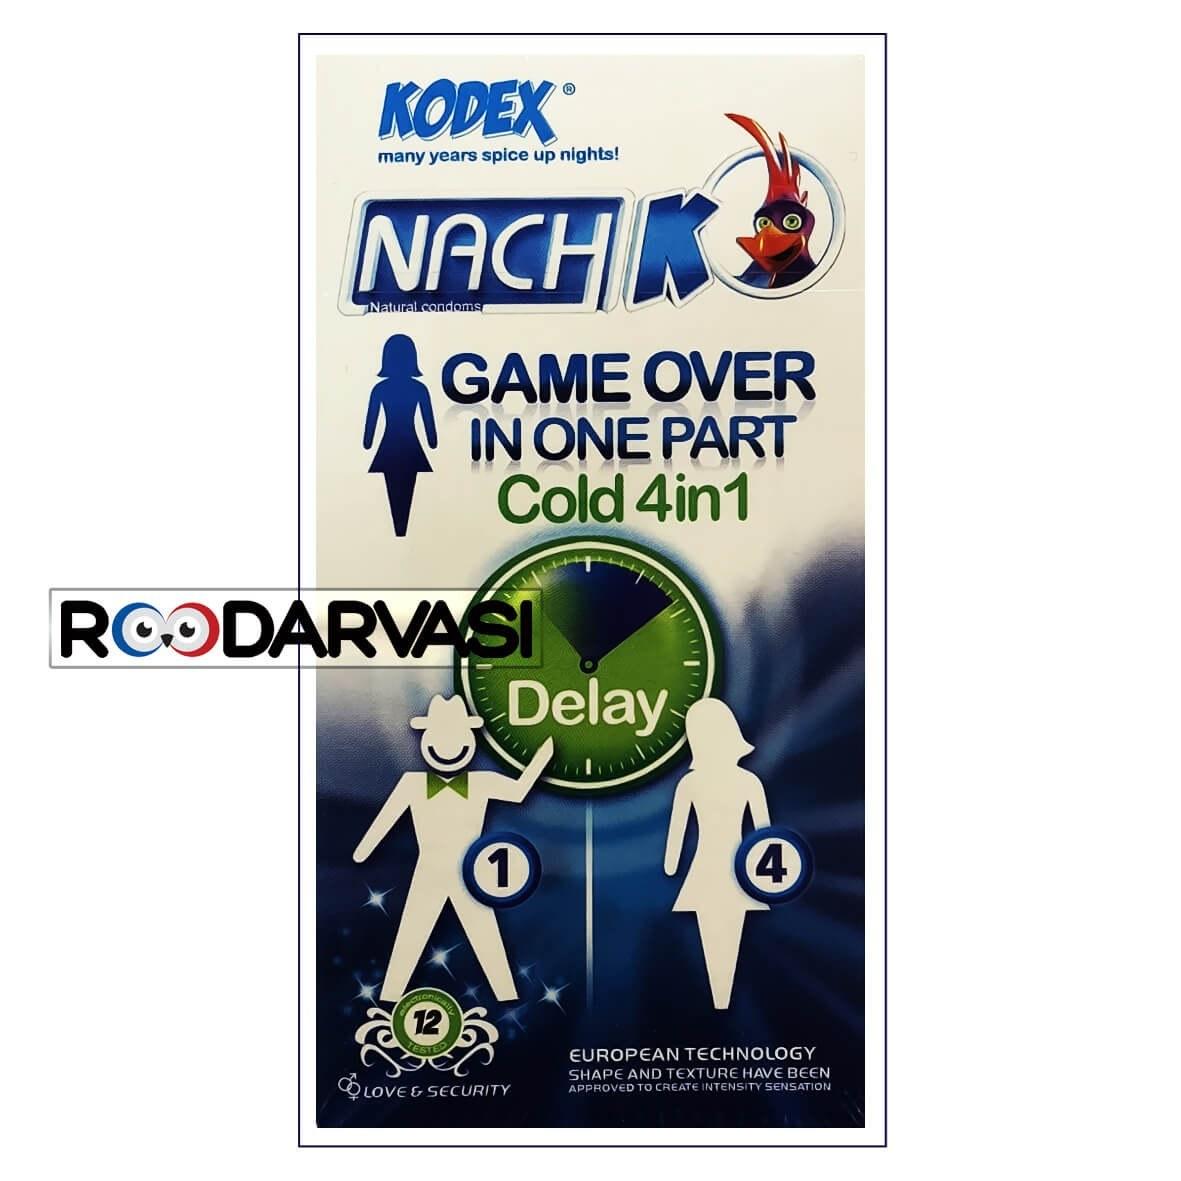 کاندوم گیم اور 4در1 سرد ناچ کدکس Nach Kodex GAME OVER COLD 4IN1